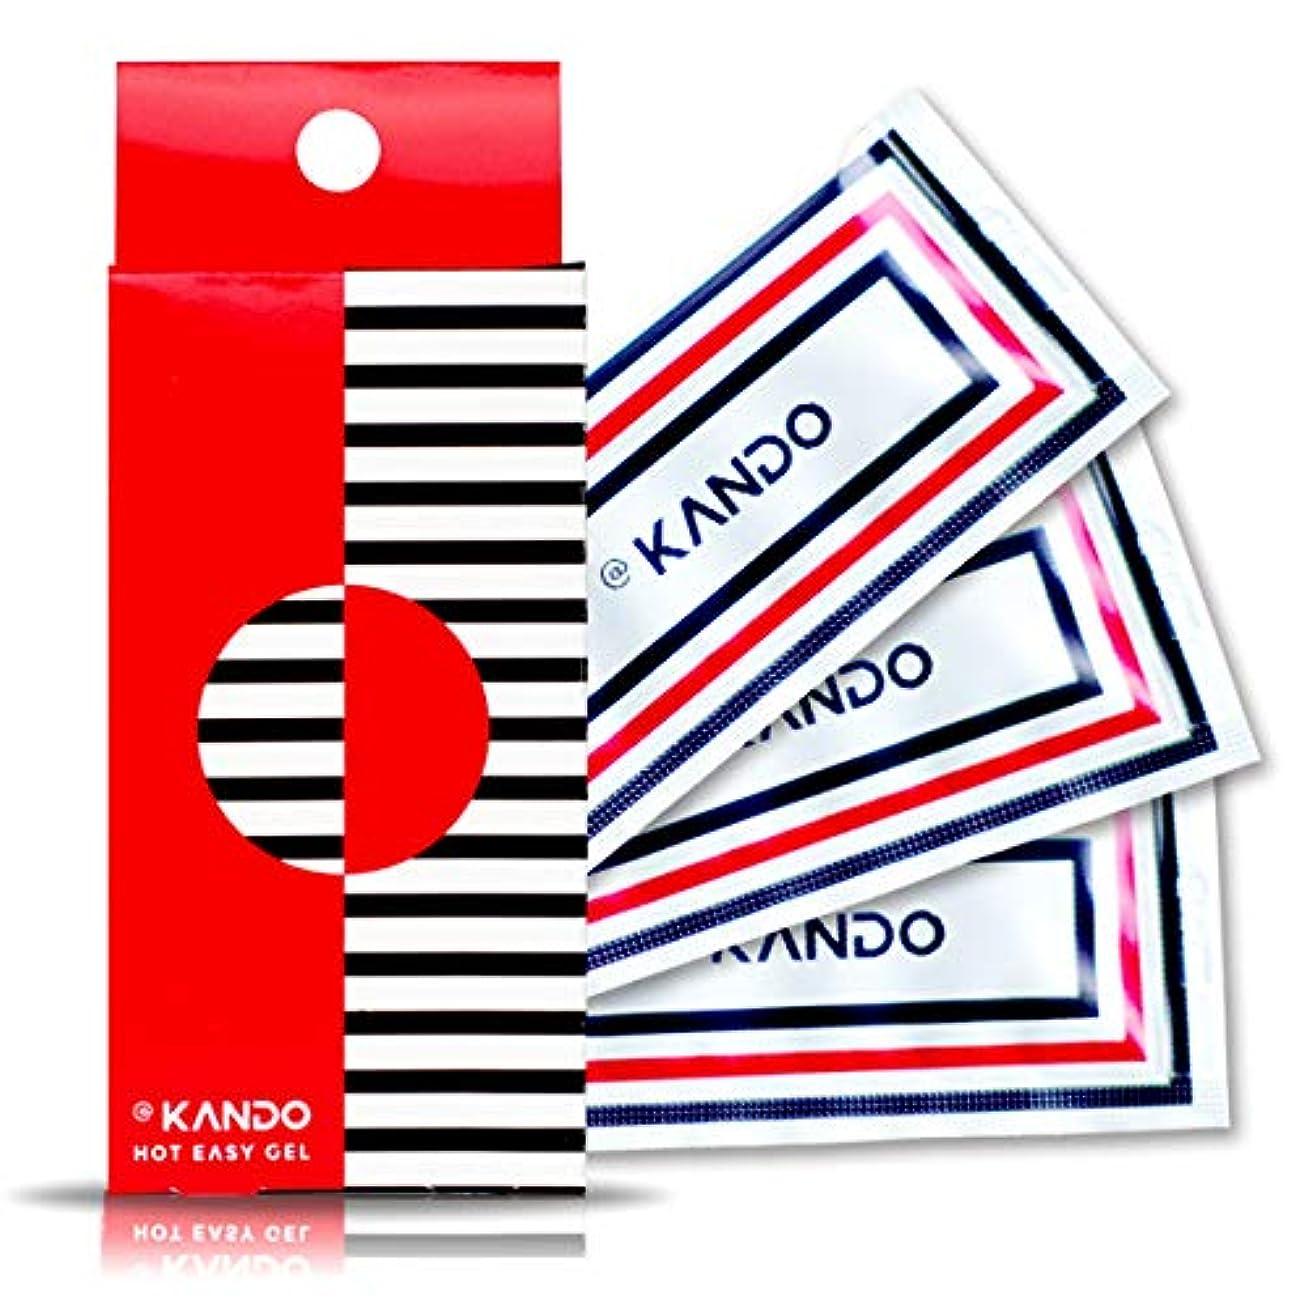 怒り飛ぶ廃止@KANDO アットカンドホットイージージェル(ボディマッサージジェル)5g×3包入 温感タイプ